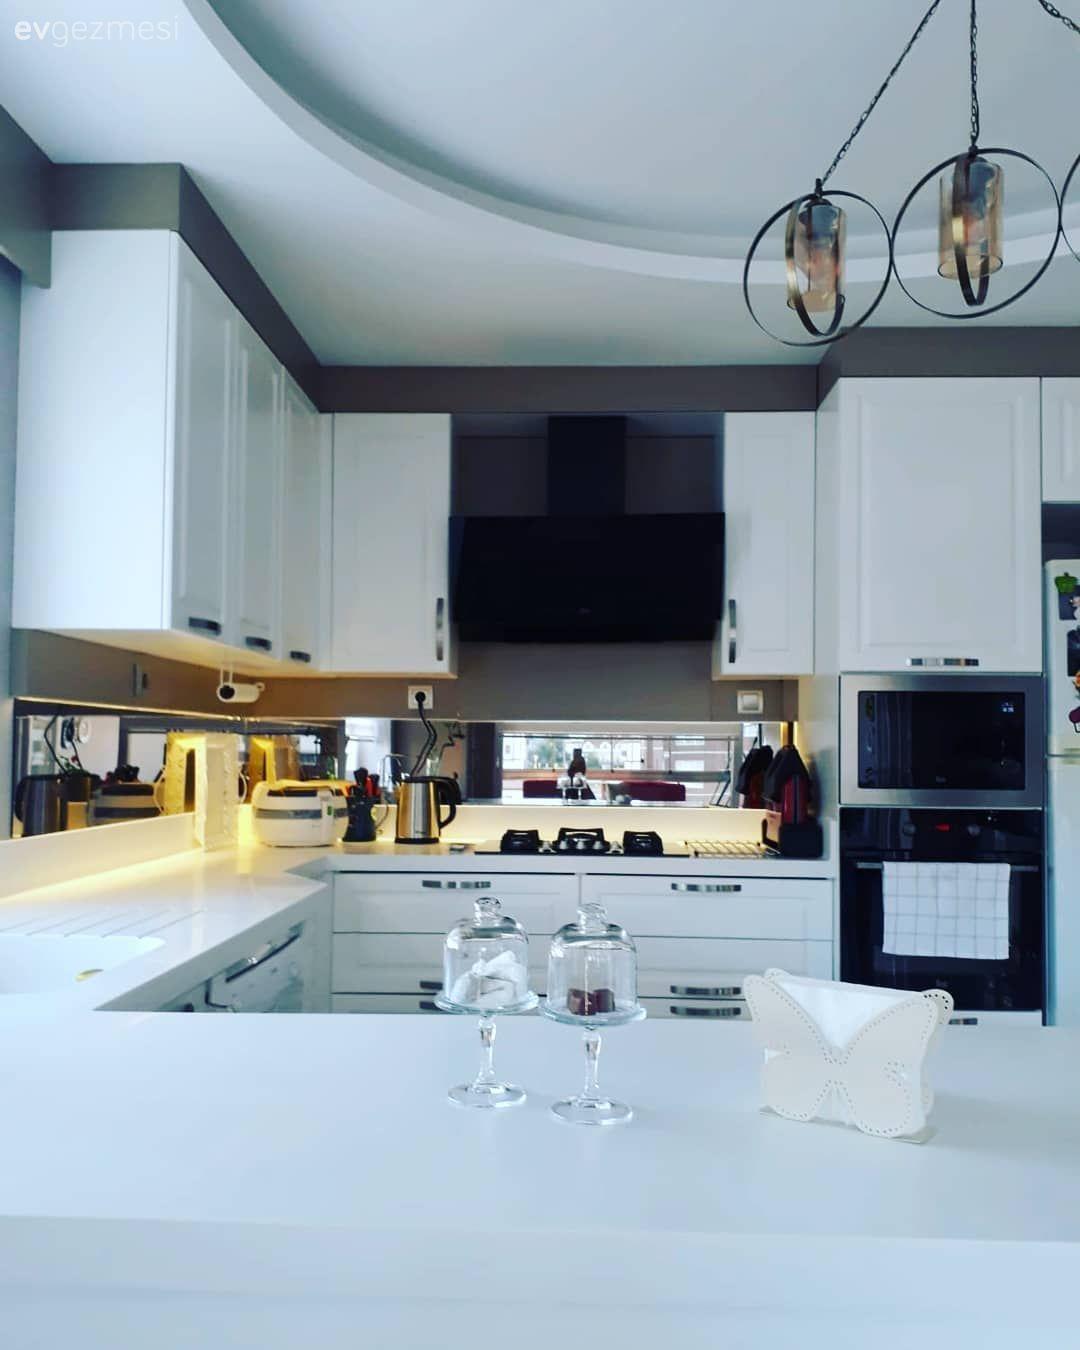 Mutfak Tavan Tasarimlari 5: Bu Evde Ahşap Detaylar Tüm Oyunu Değiştiriyor